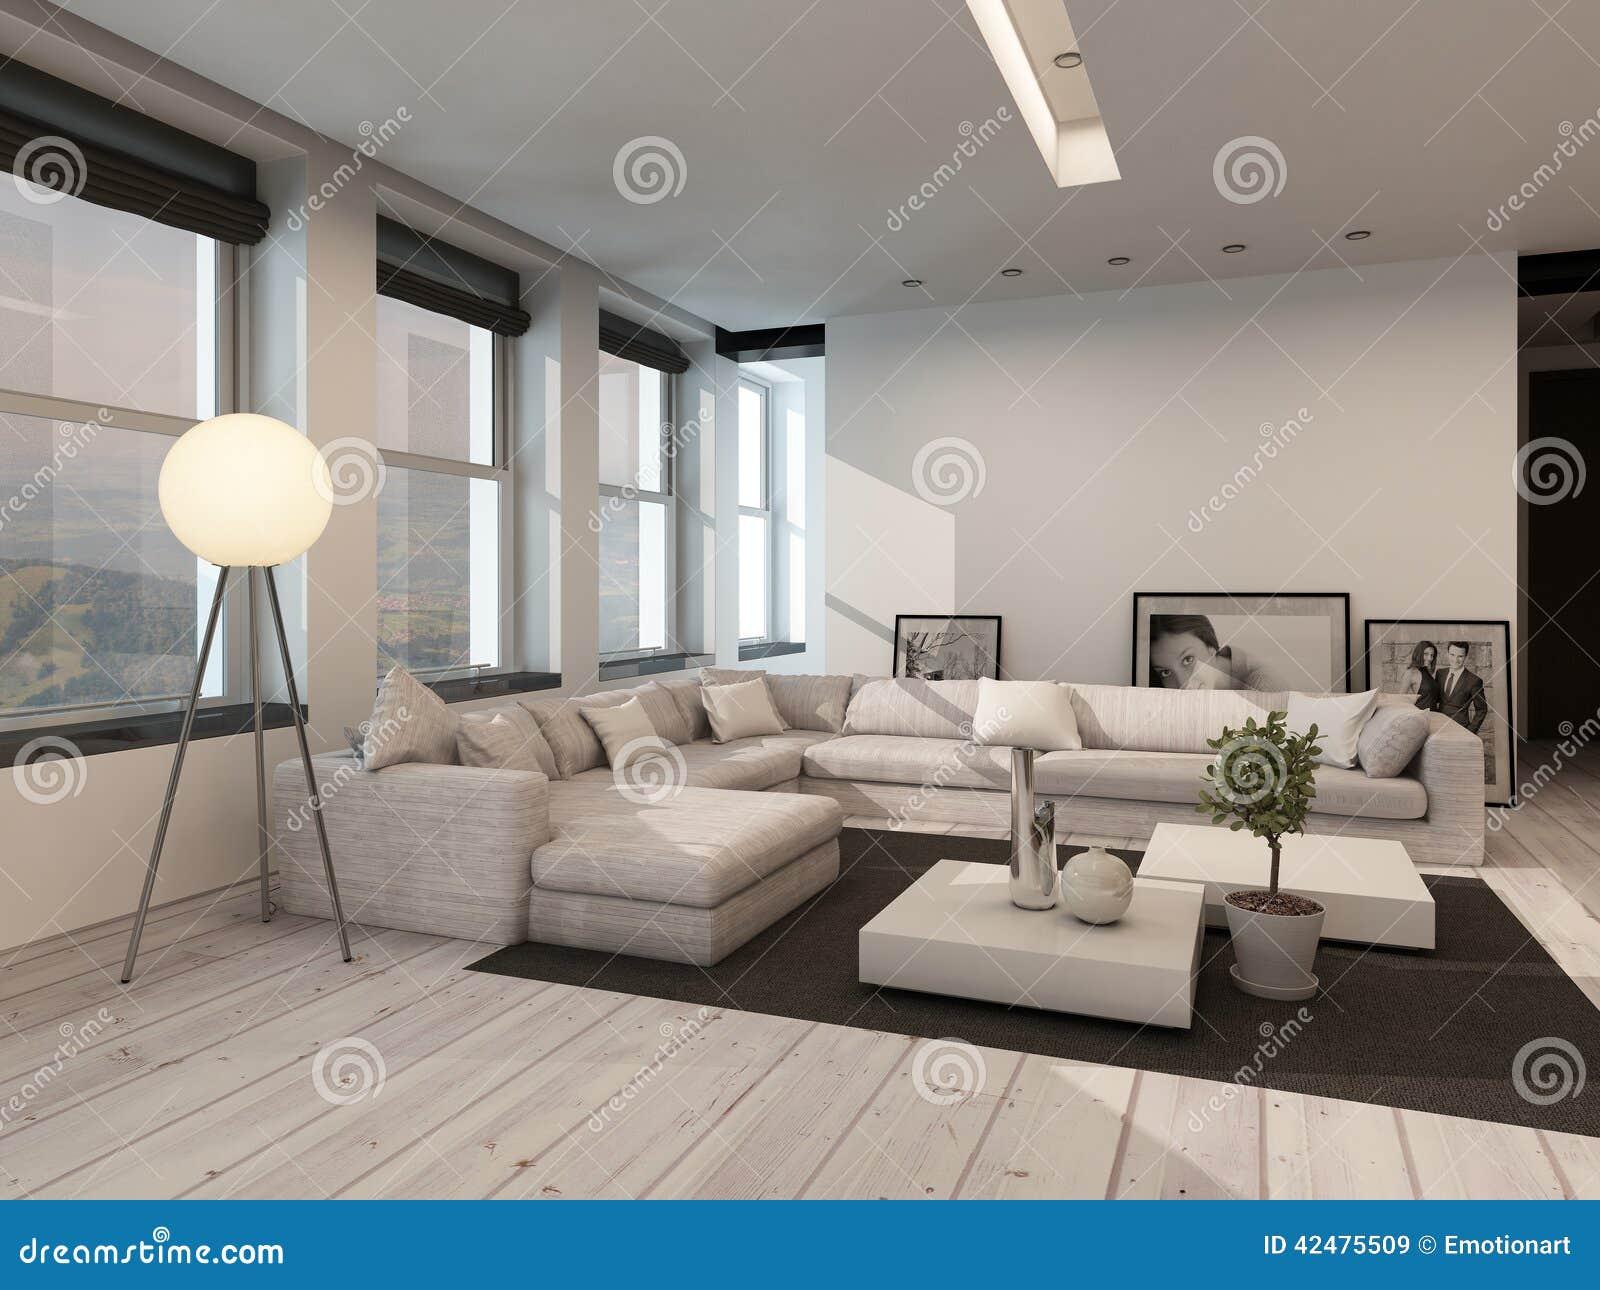 Tappeti Soggiorno Shabby : Tappeto per salotto moderno great tappeti moderni soggiorno new